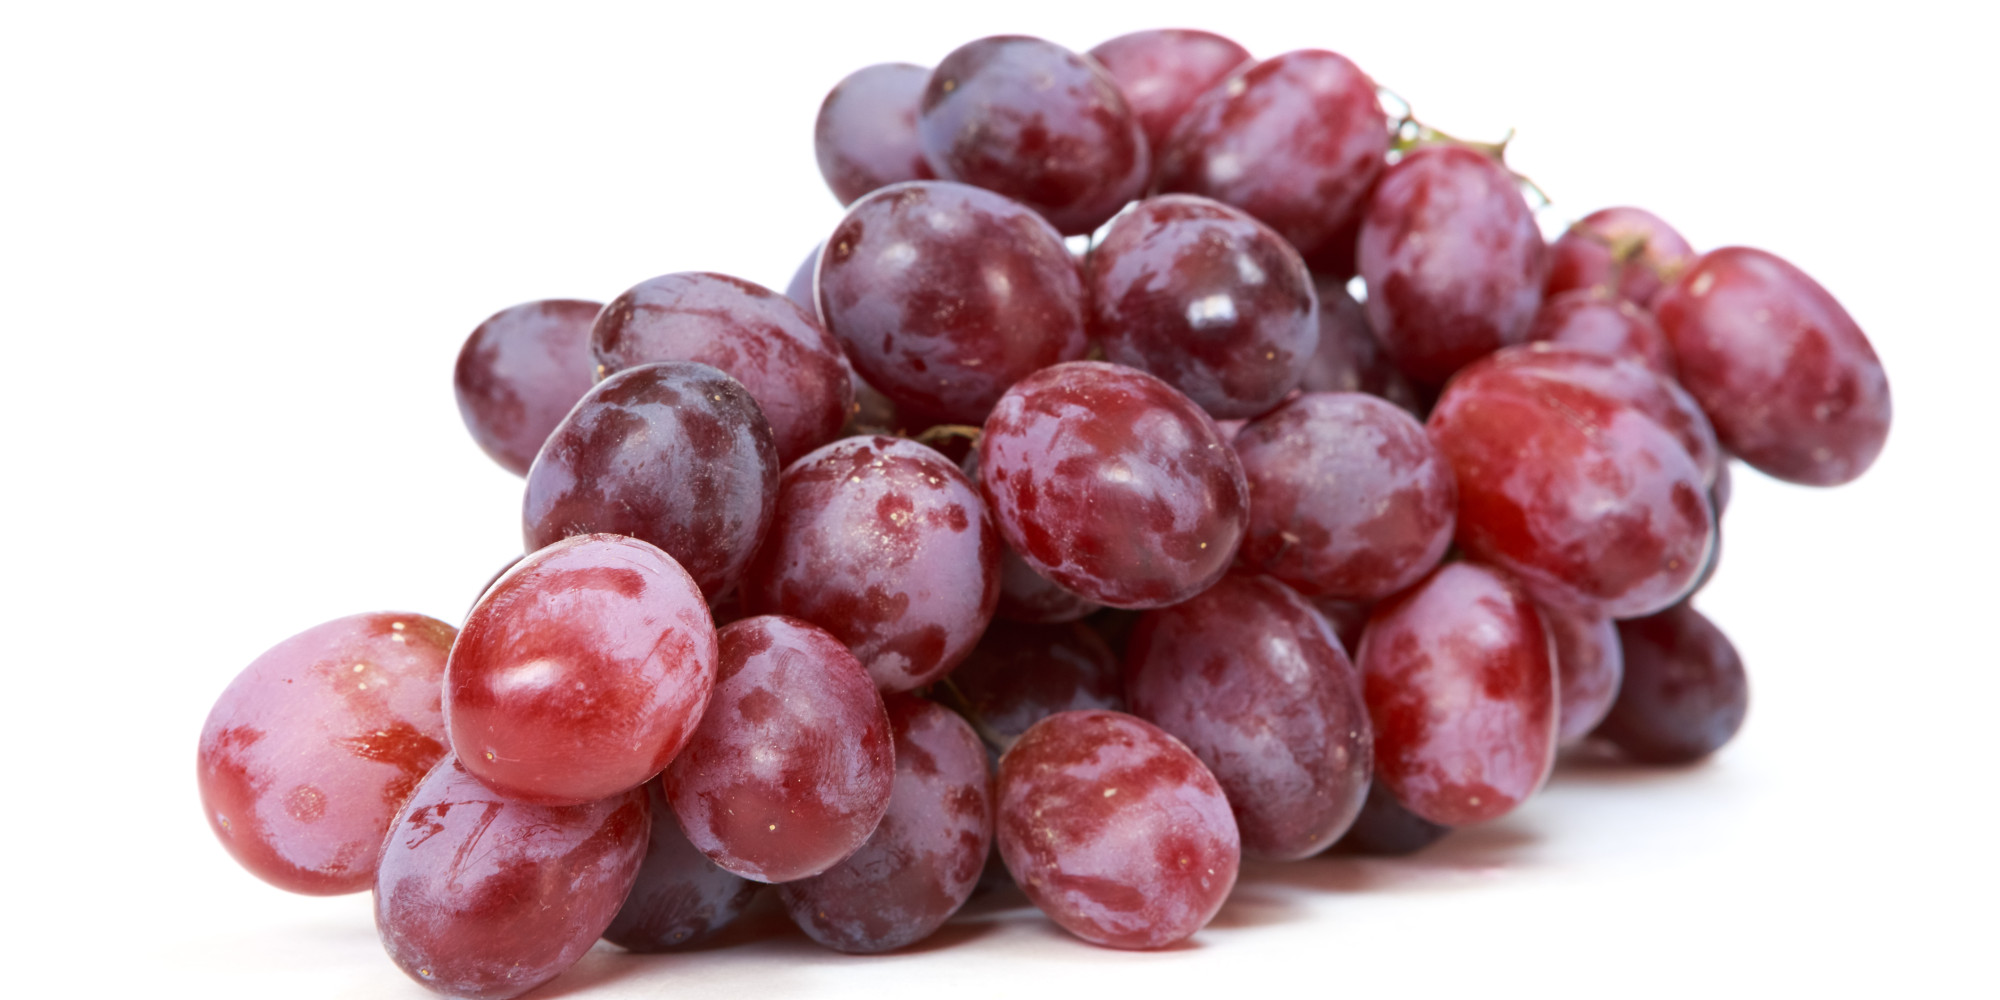 Sasi 101 infaux sant assistance et soins infirmiers - Maladie du raisin photo ...